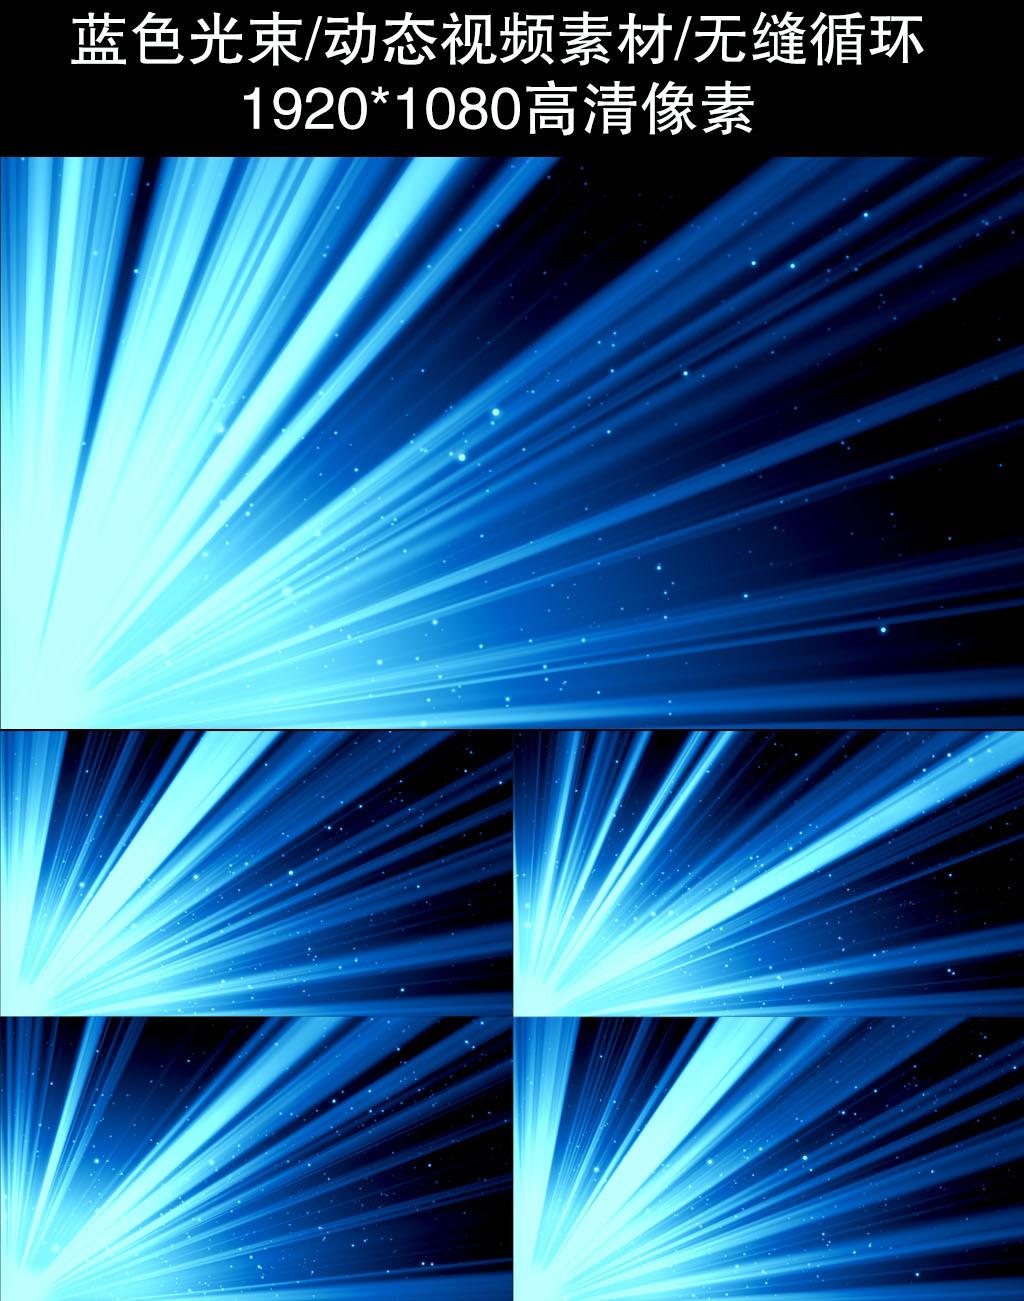 蓝色光束视频素材视频背景